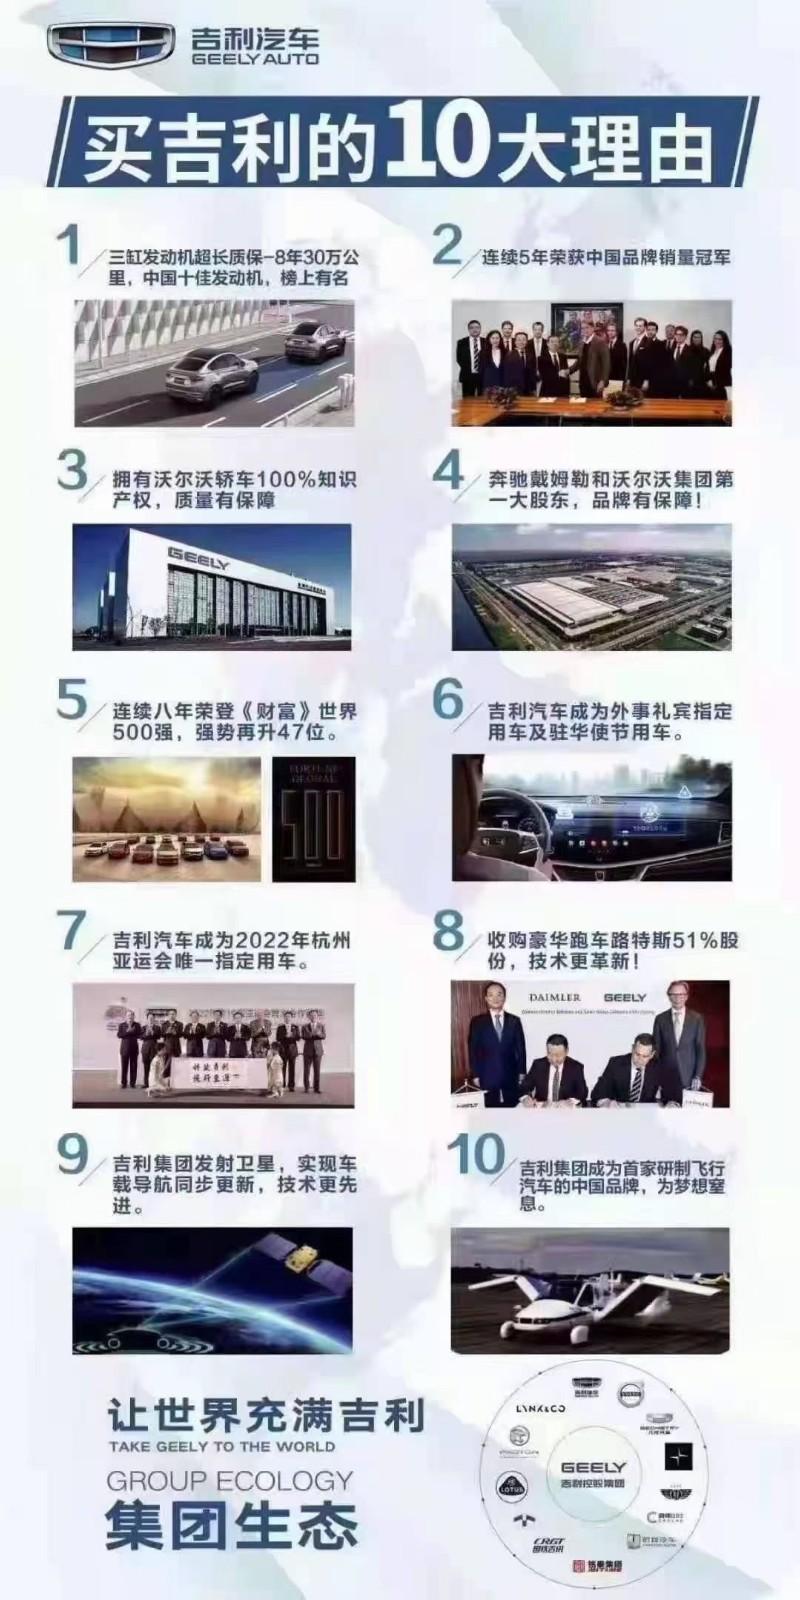 10大理由